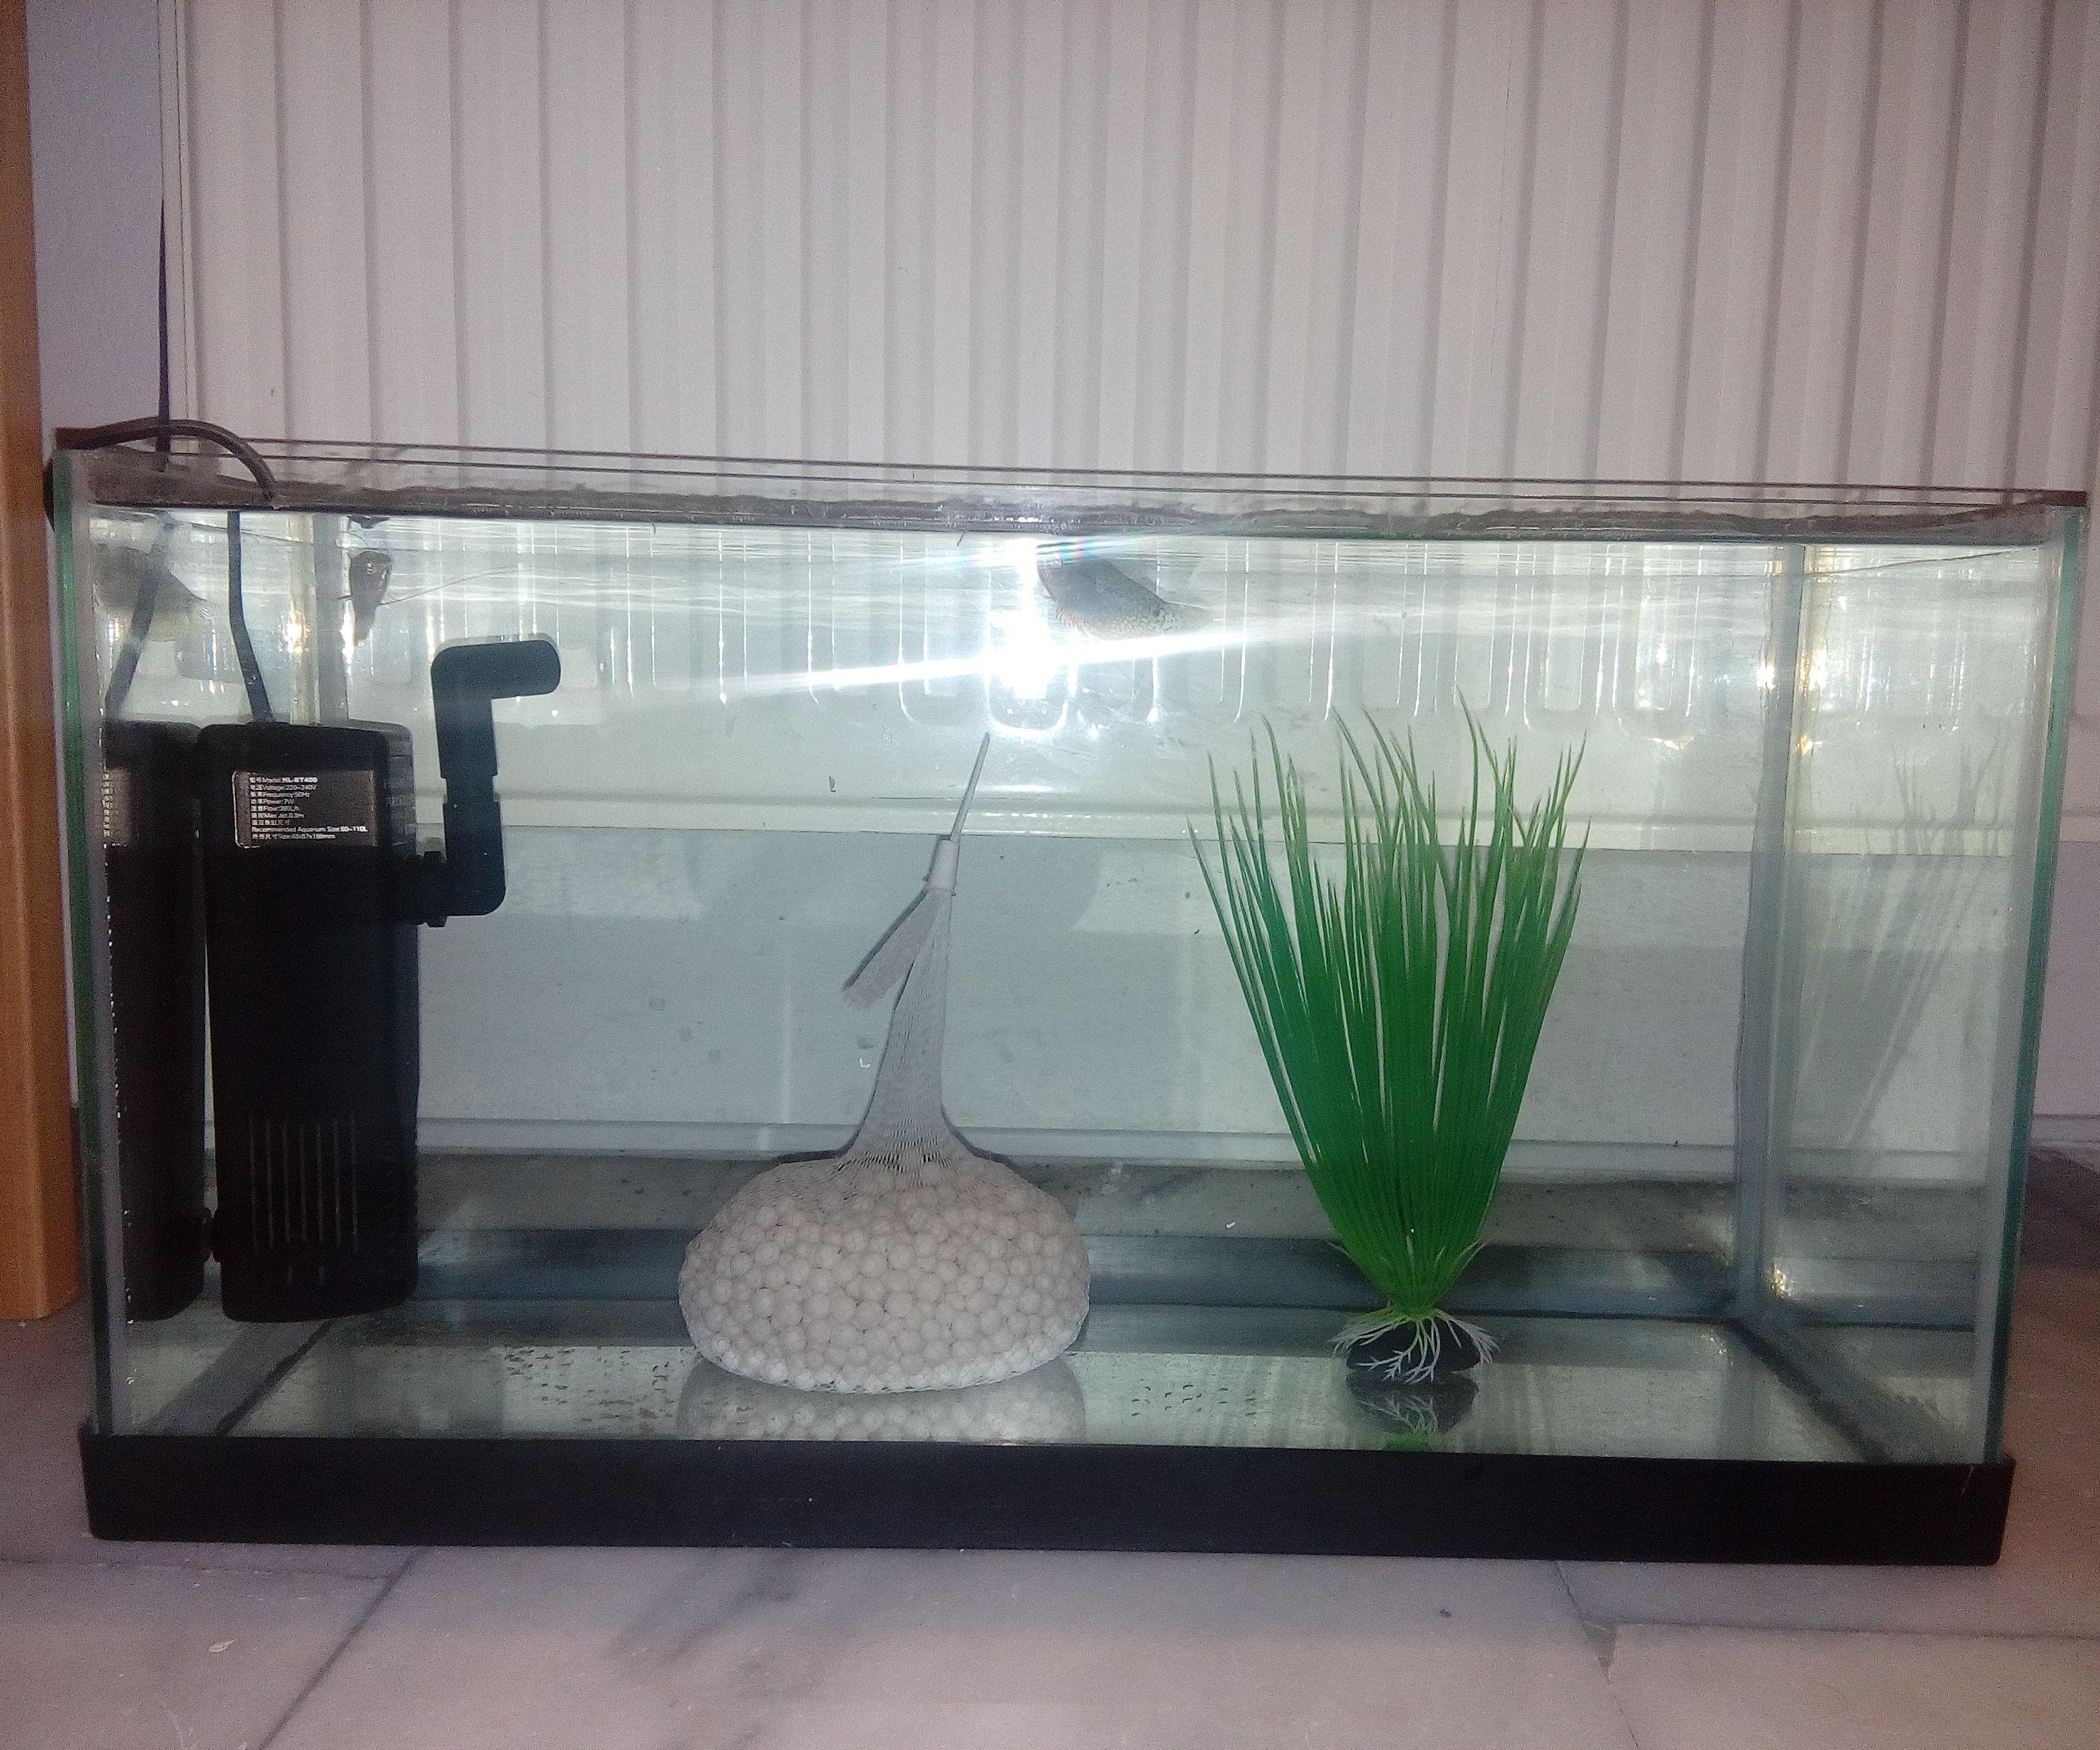 How to Re-seal an Aquarium.